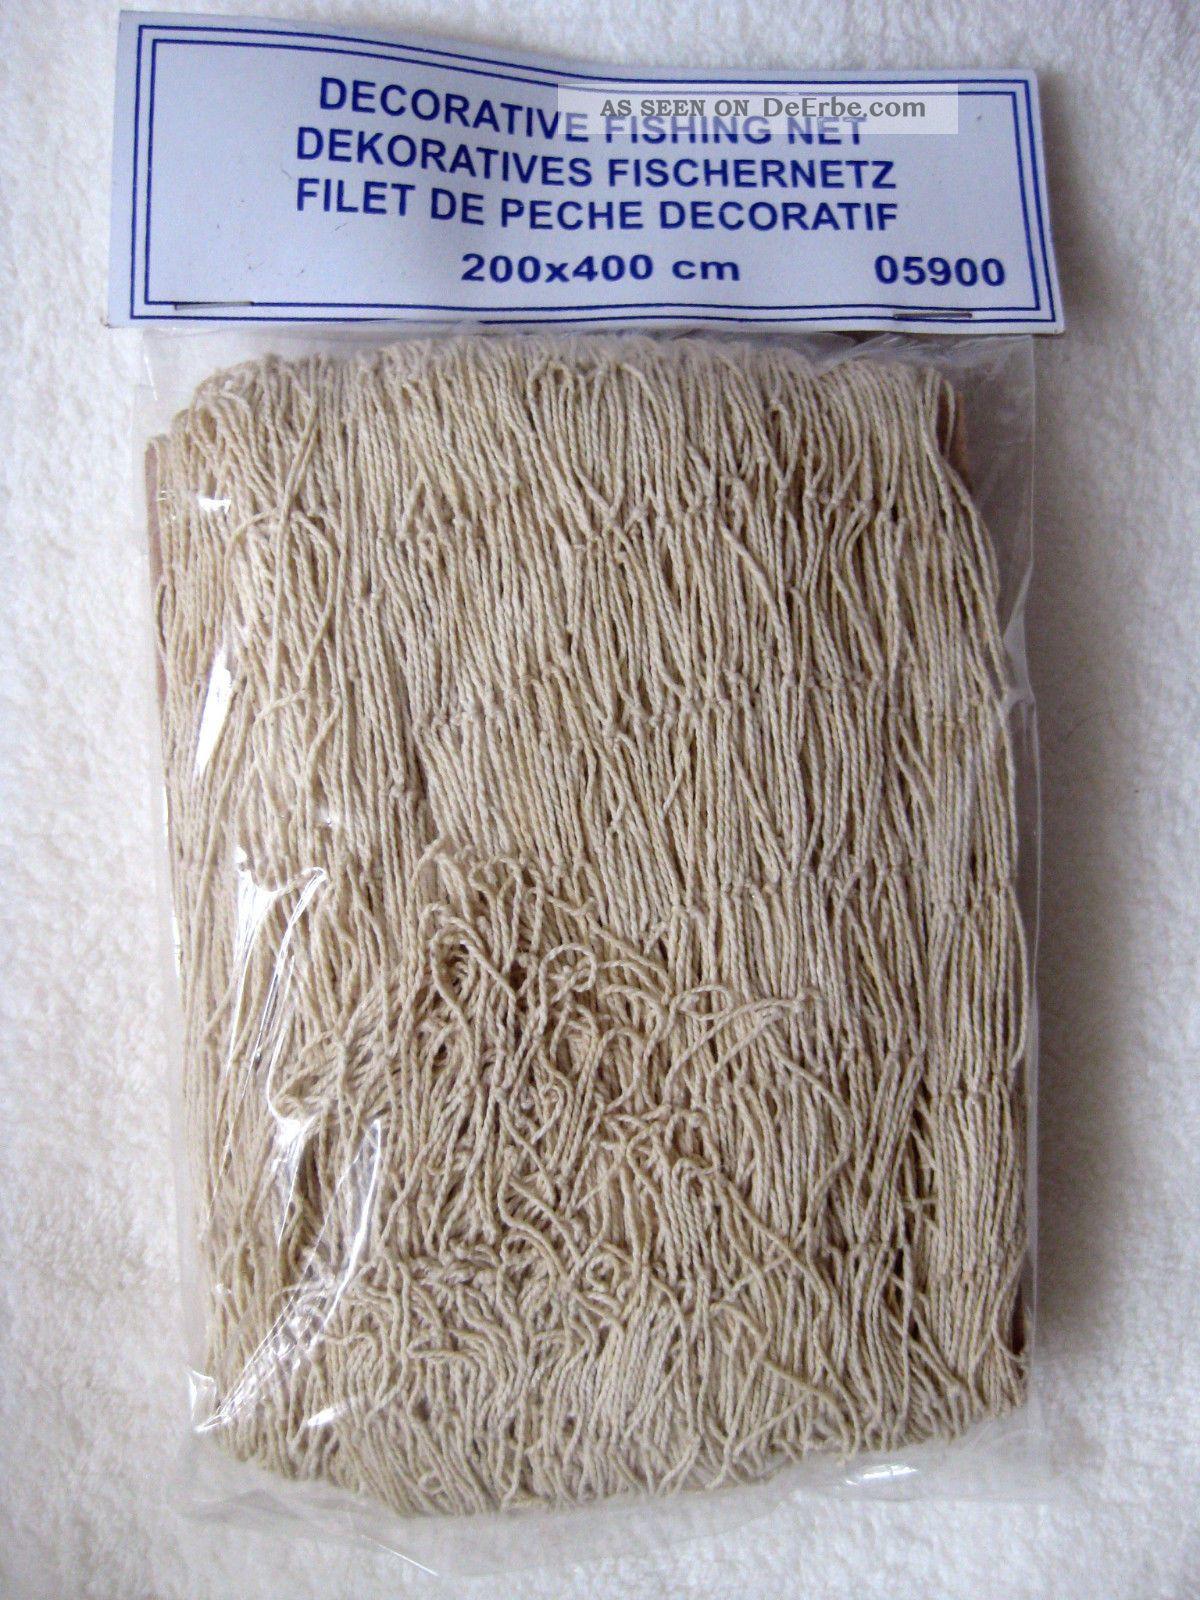 Großes Deko Netz Fischernetz Ca. 200x400cm Beige Baumwolle Maschen 3x3cm